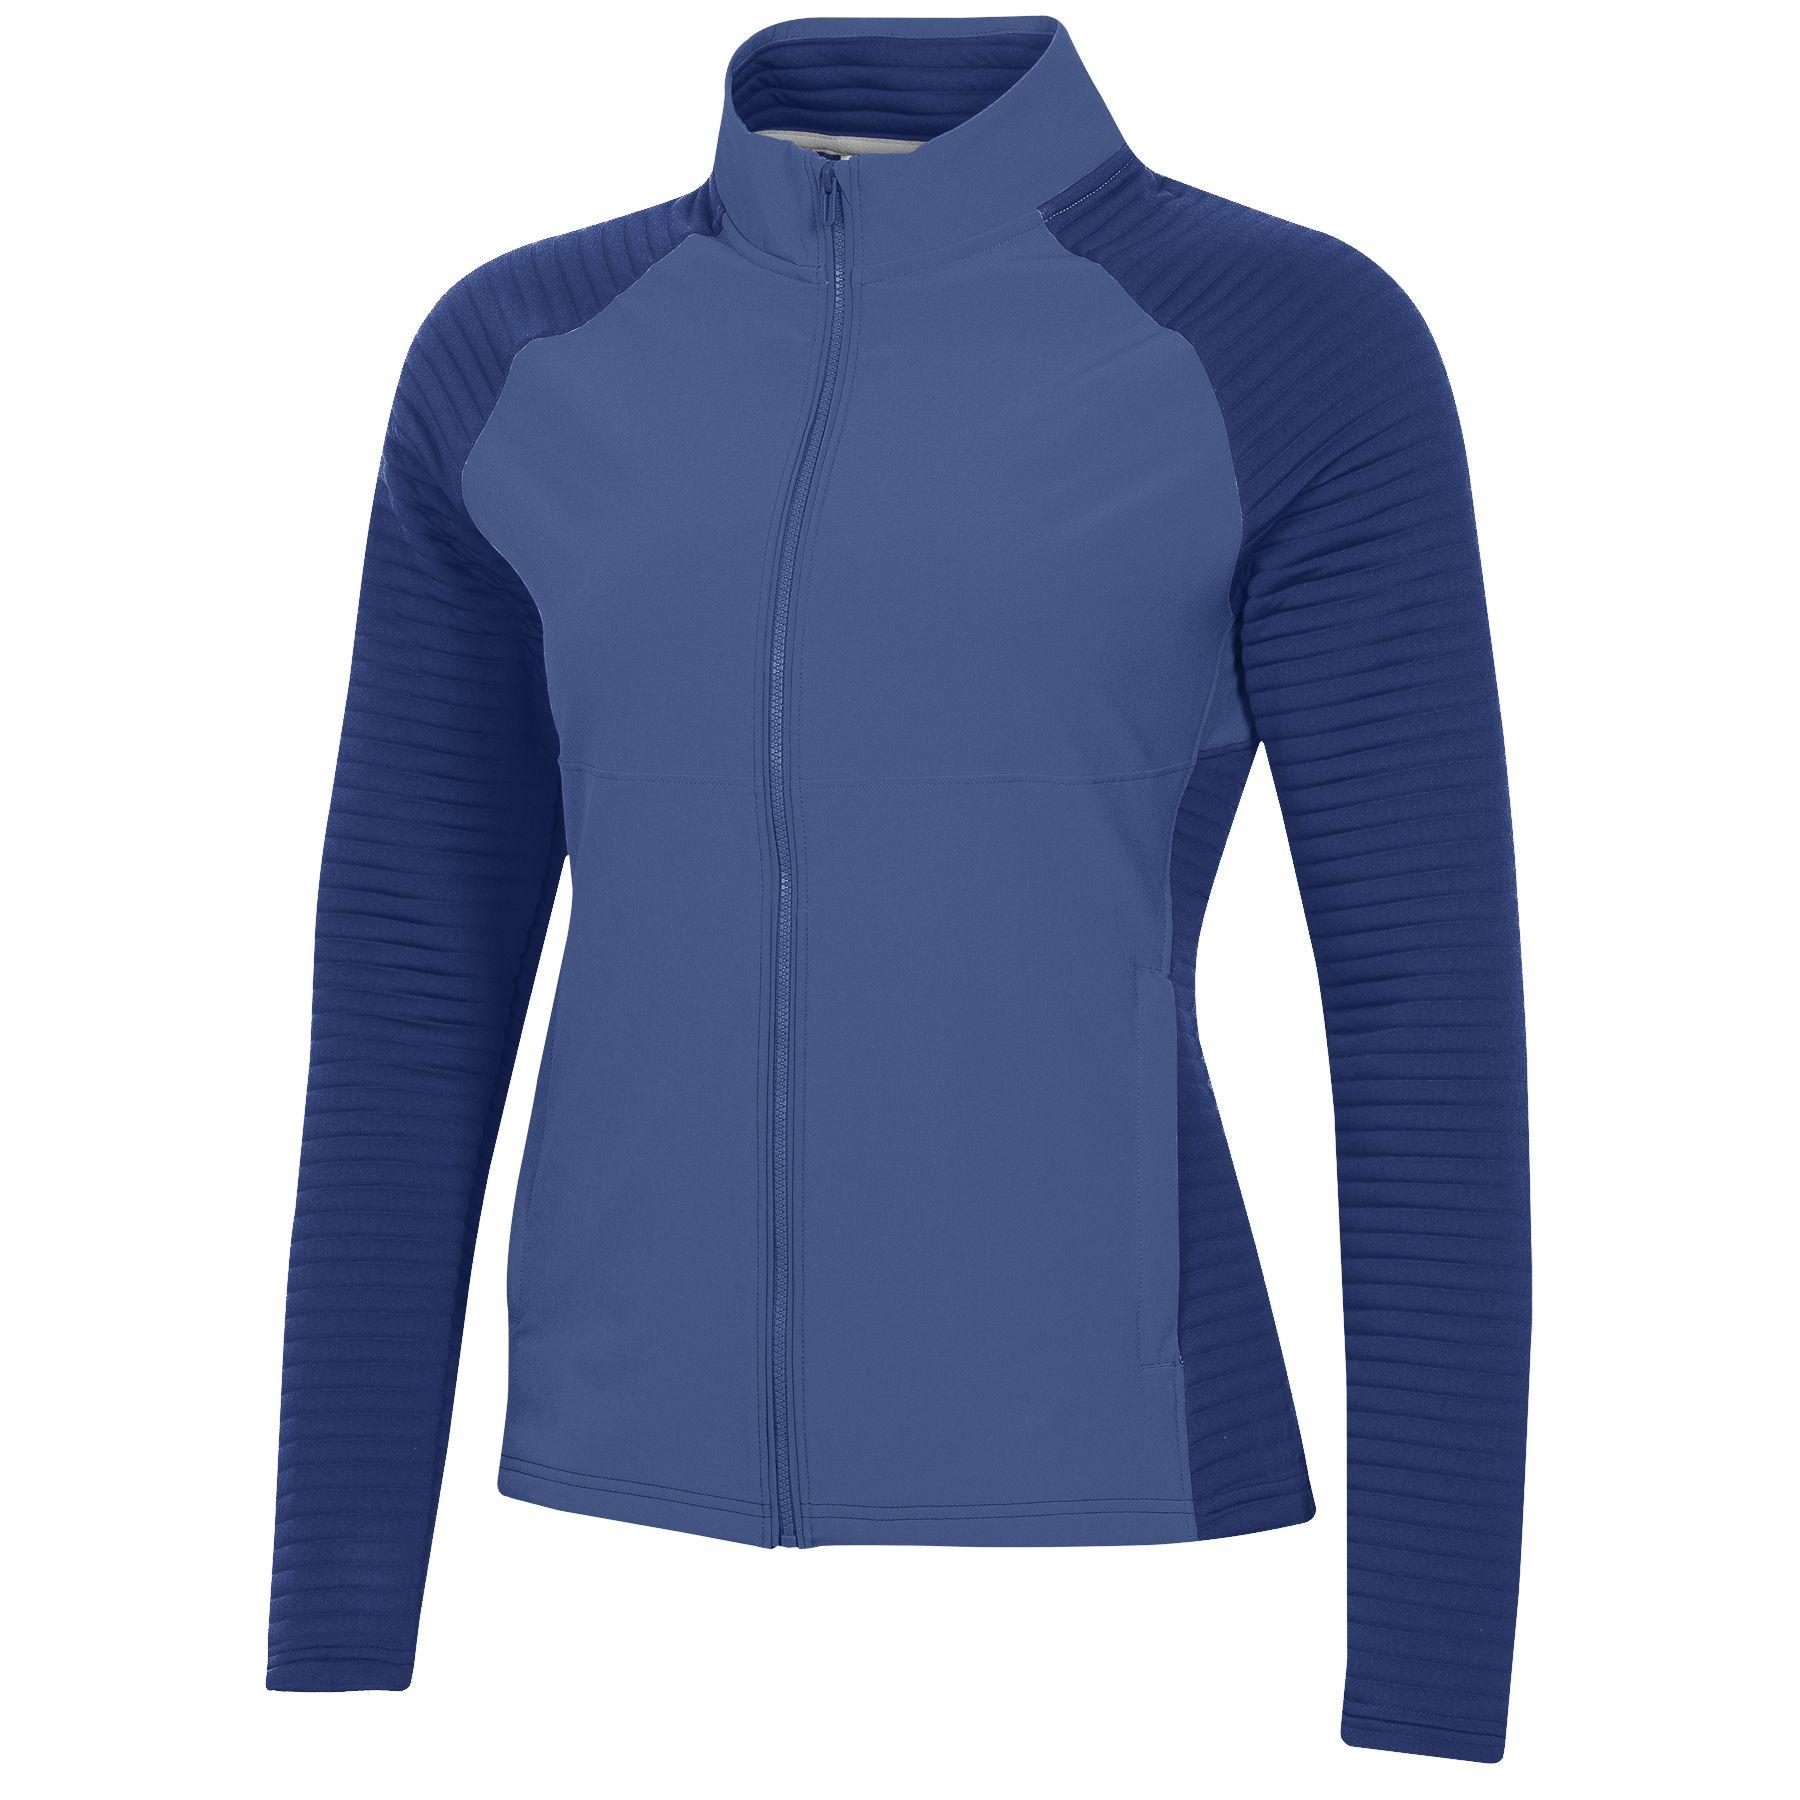 Under Armour Women's 2021 Storm Evolution Full Zip Jacket